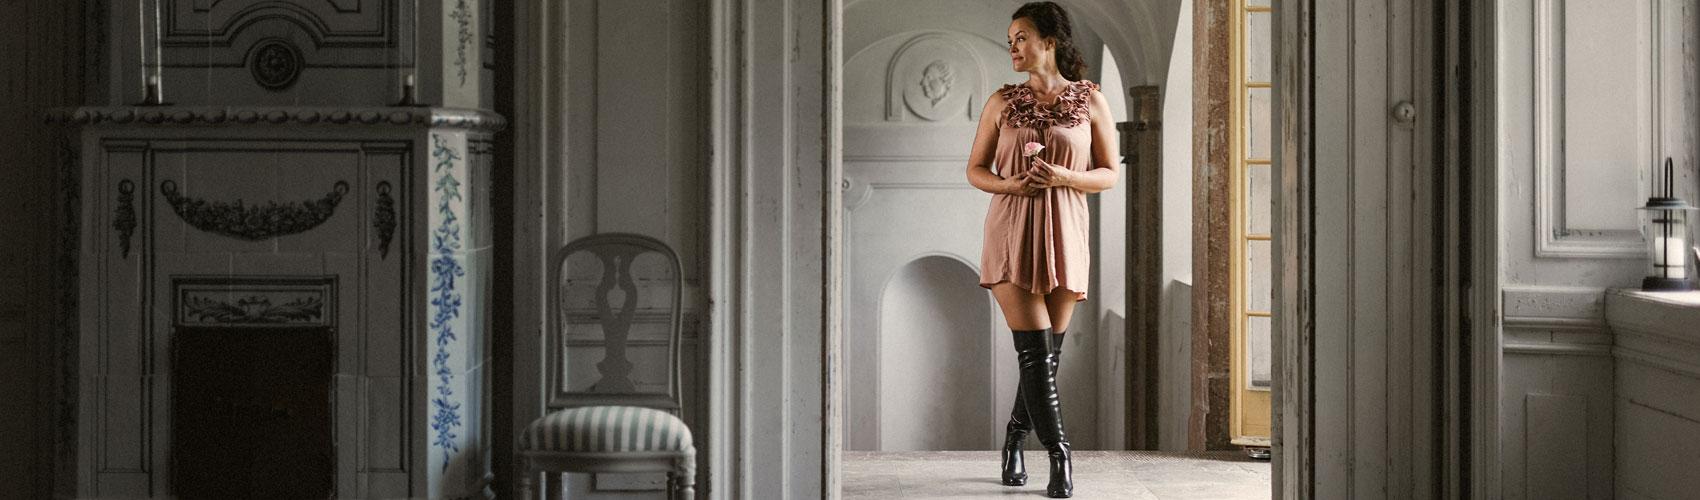 Rubber boots women